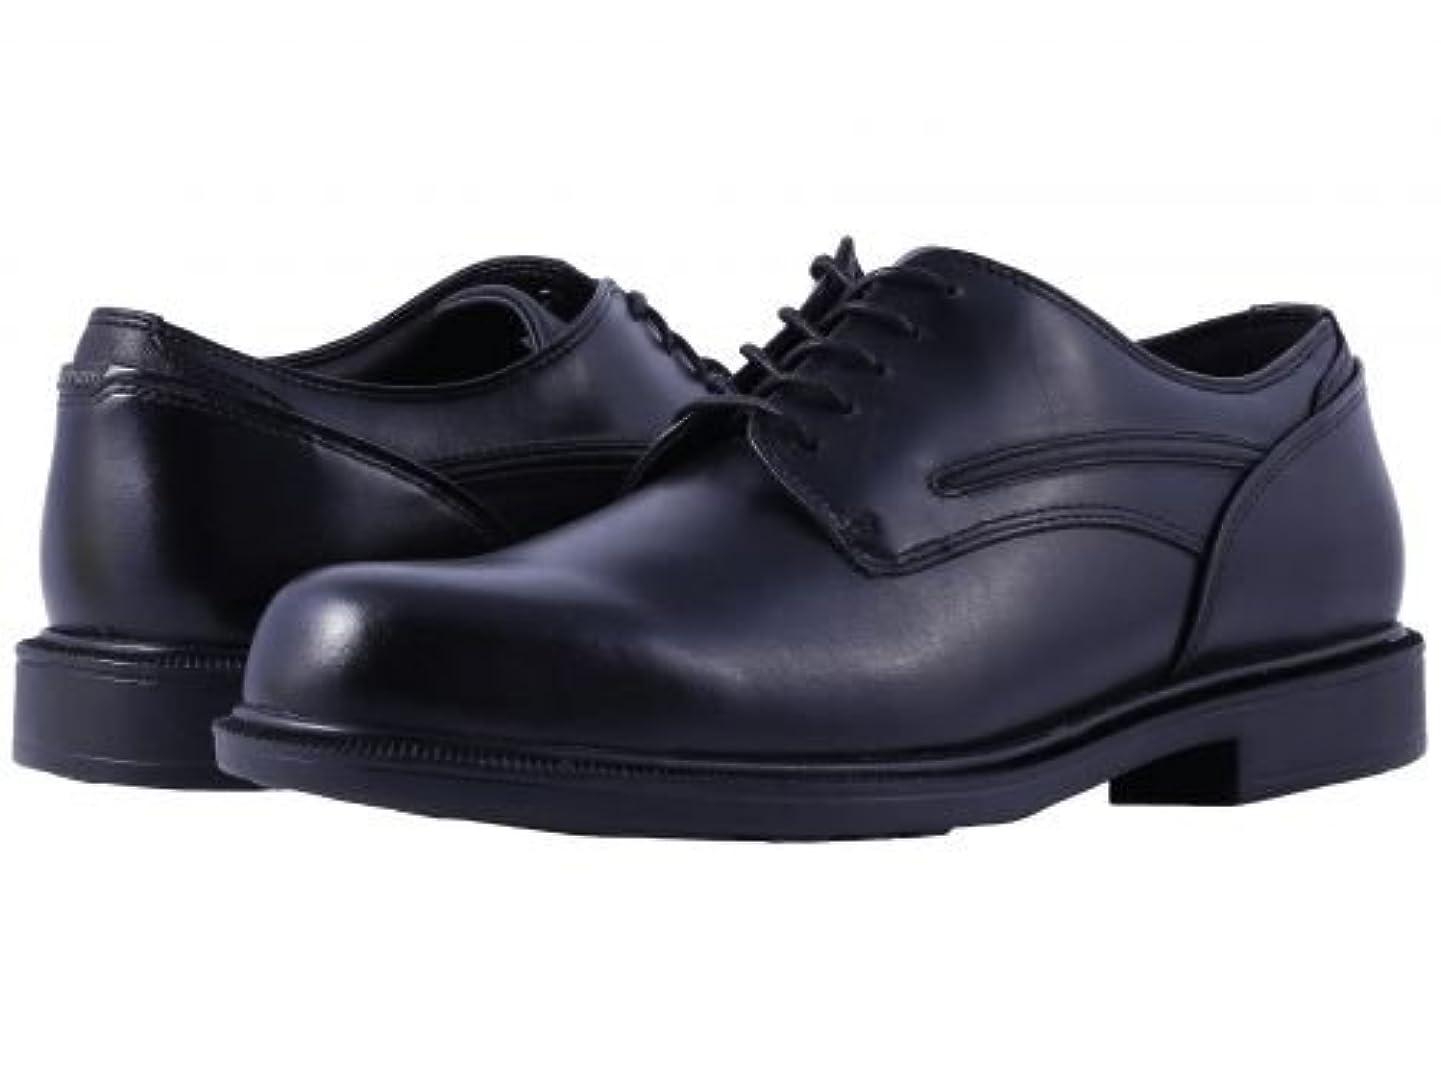 ドライバ債務者受粉するDunham(ダナム) メンズ 男性用 シューズ 靴 オックスフォード 紳士靴 通勤靴 Burlington Waterproof - Black [並行輸入品]